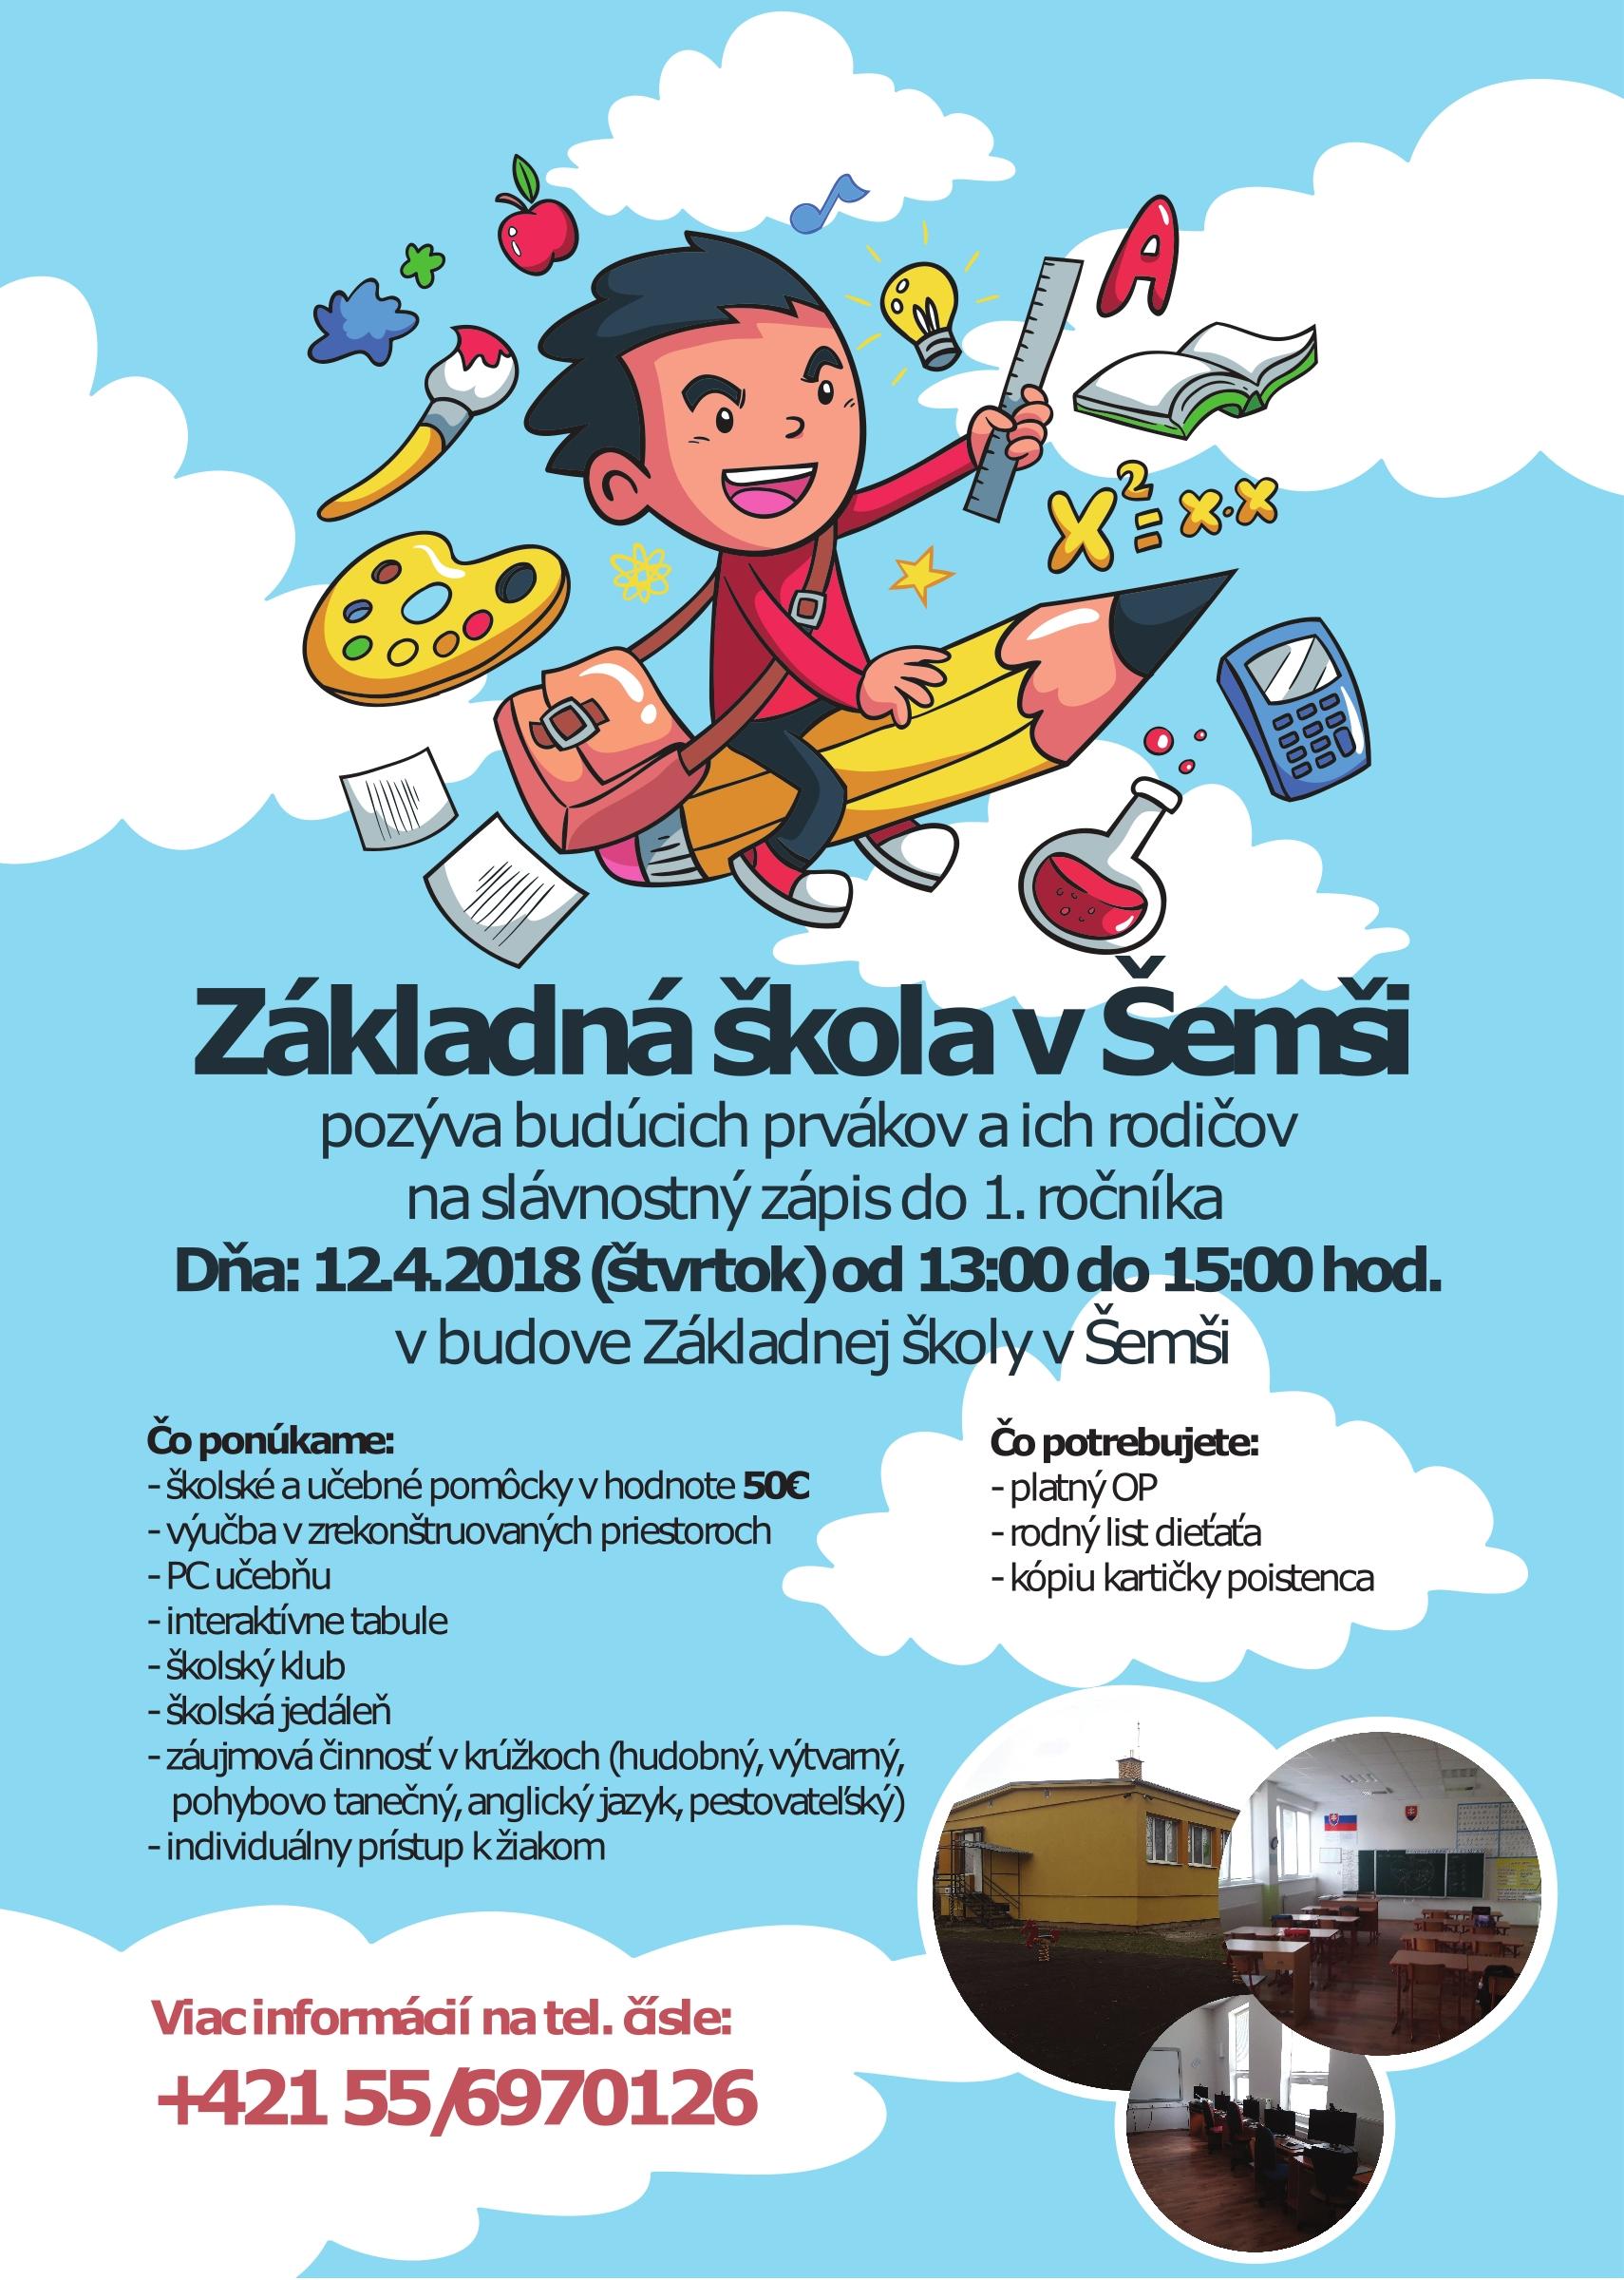 8da88ba933 Základná škola Šemša pozýva všetkých budúcich prváčikov a ich rodičov na  zápis do 1. ročníka.